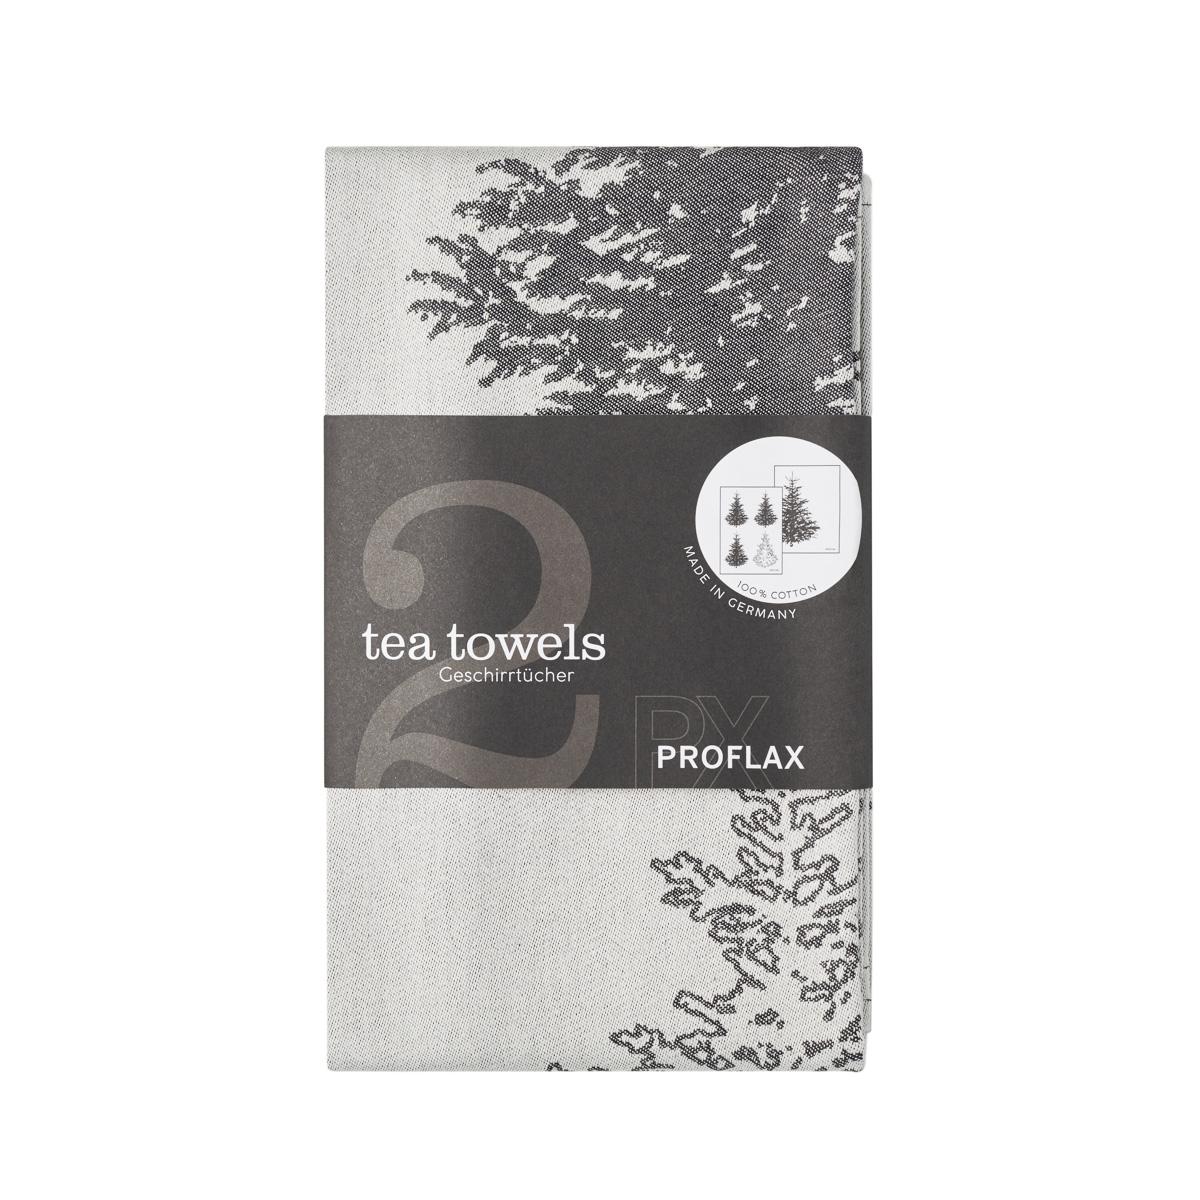 PROFLAX Geschirrtuch 2er Set, Motiv Tannenbaum in Reihe und Tannenbaum groß, grau, 50 x 70